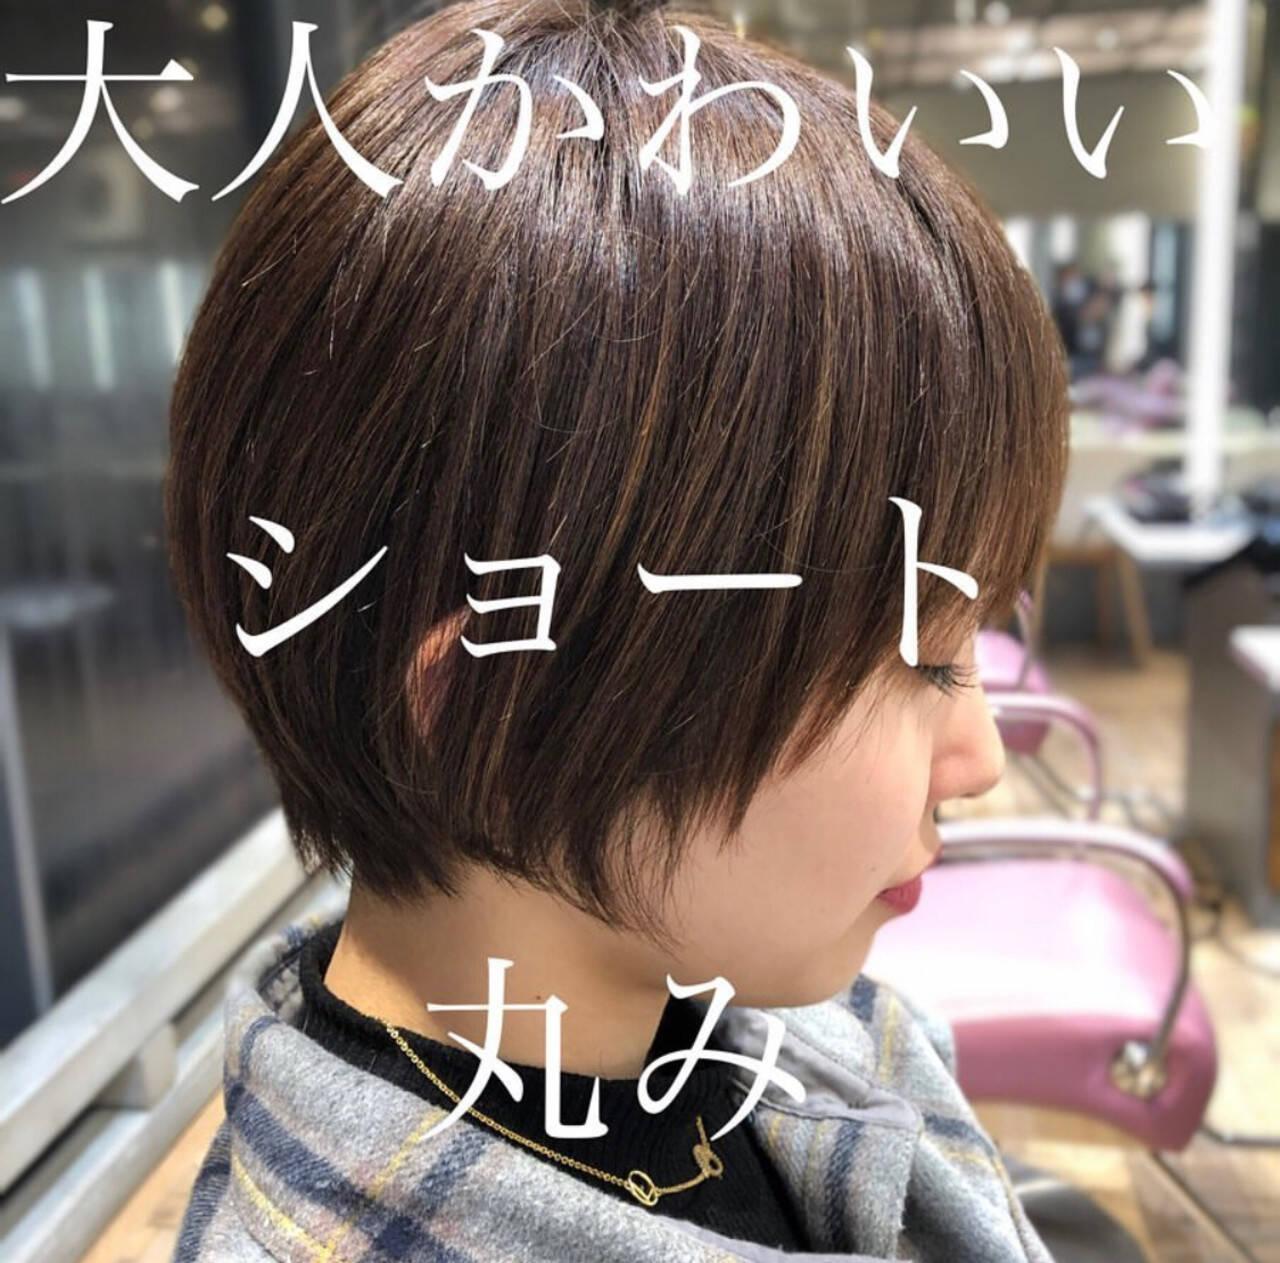 ナチュラル ショートヘア ショートボブ 大人かわいいヘアスタイルや髪型の写真・画像